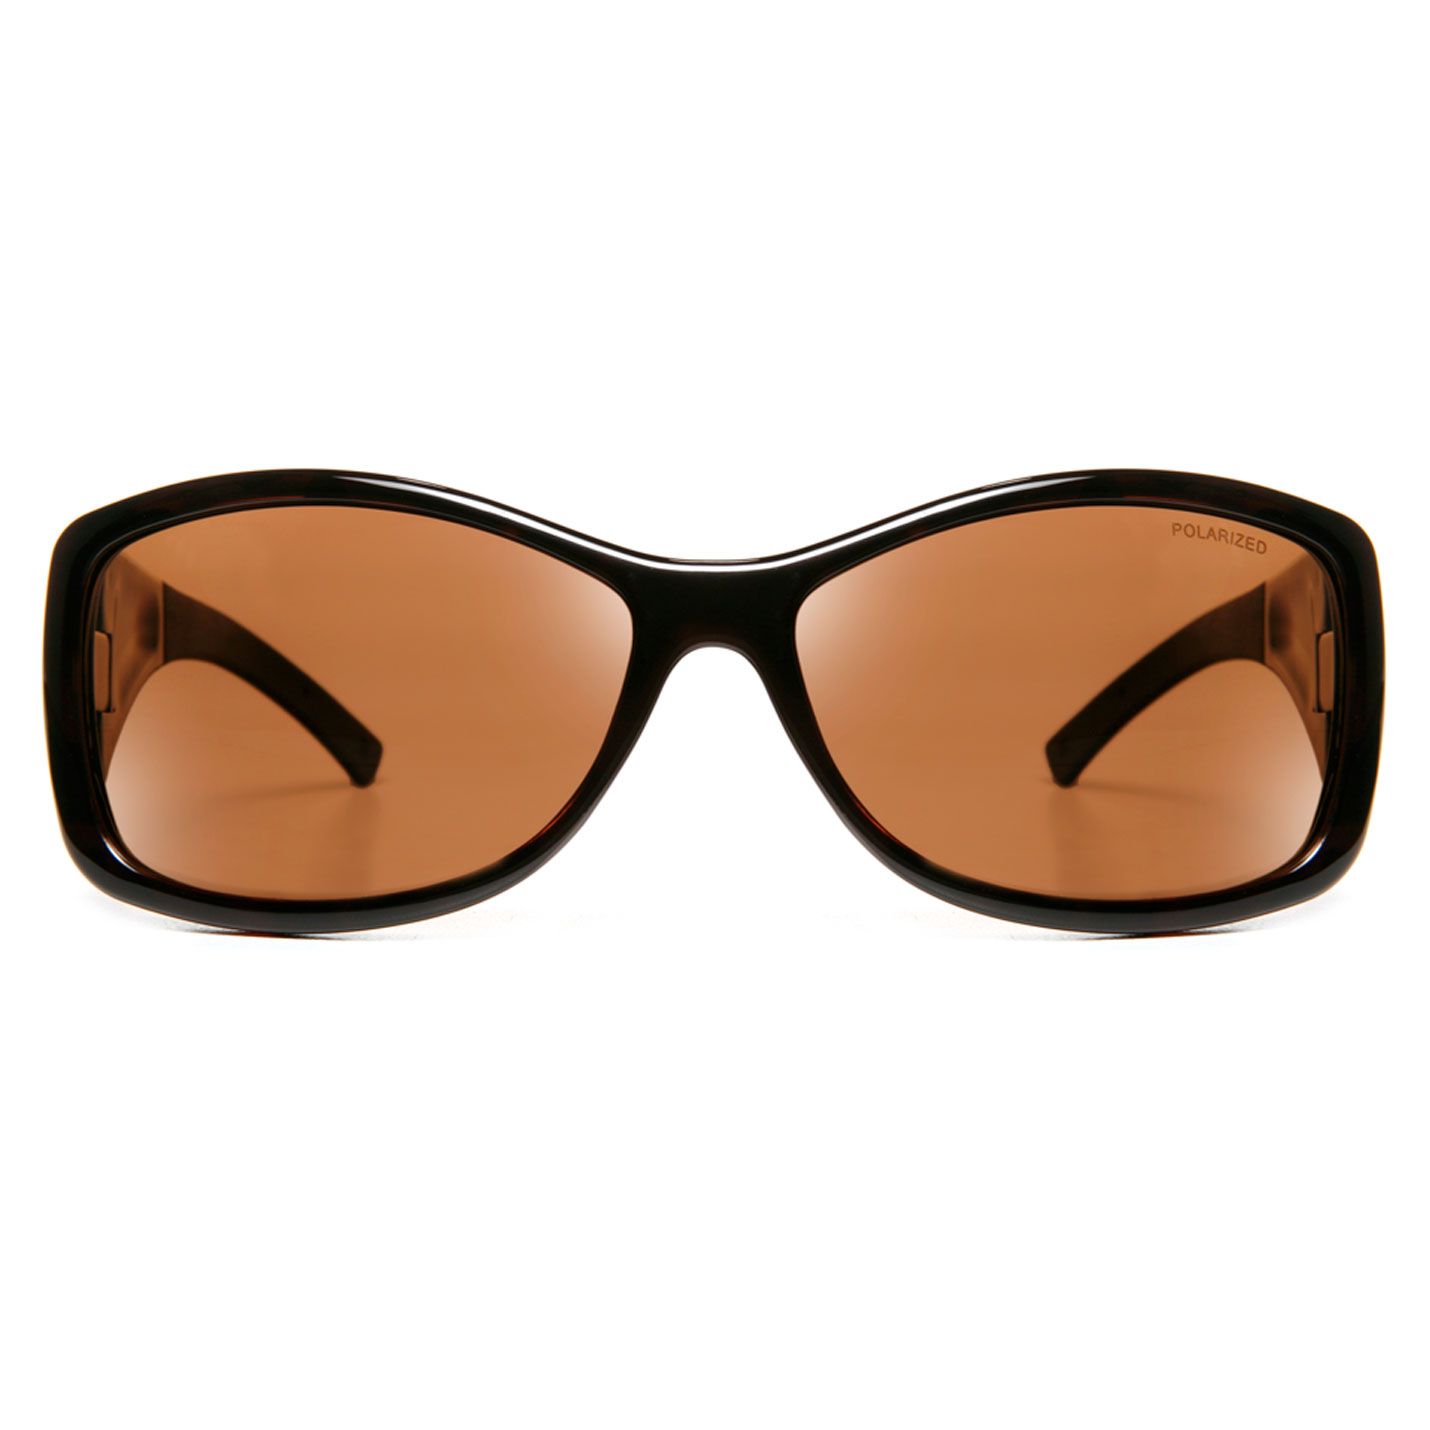 Les lunettes de soleil montures enveloppantes – BALBOA